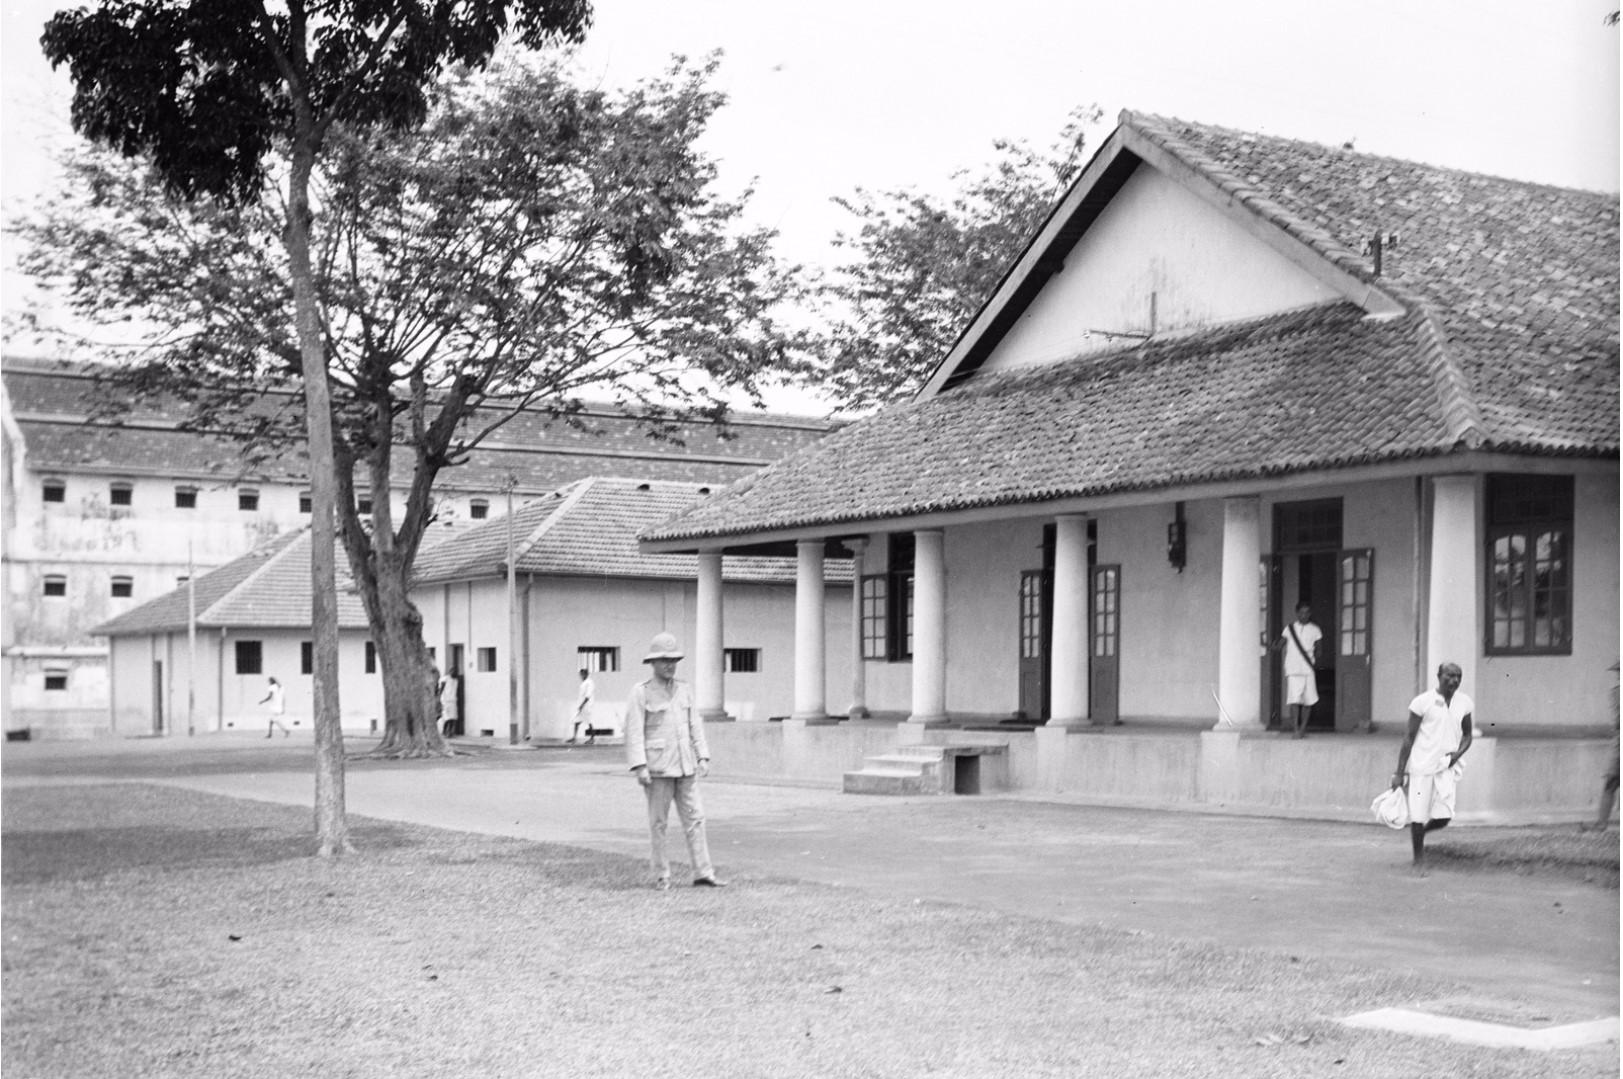 242. Двор тюрьмы в Коломбо с офисными зданиями